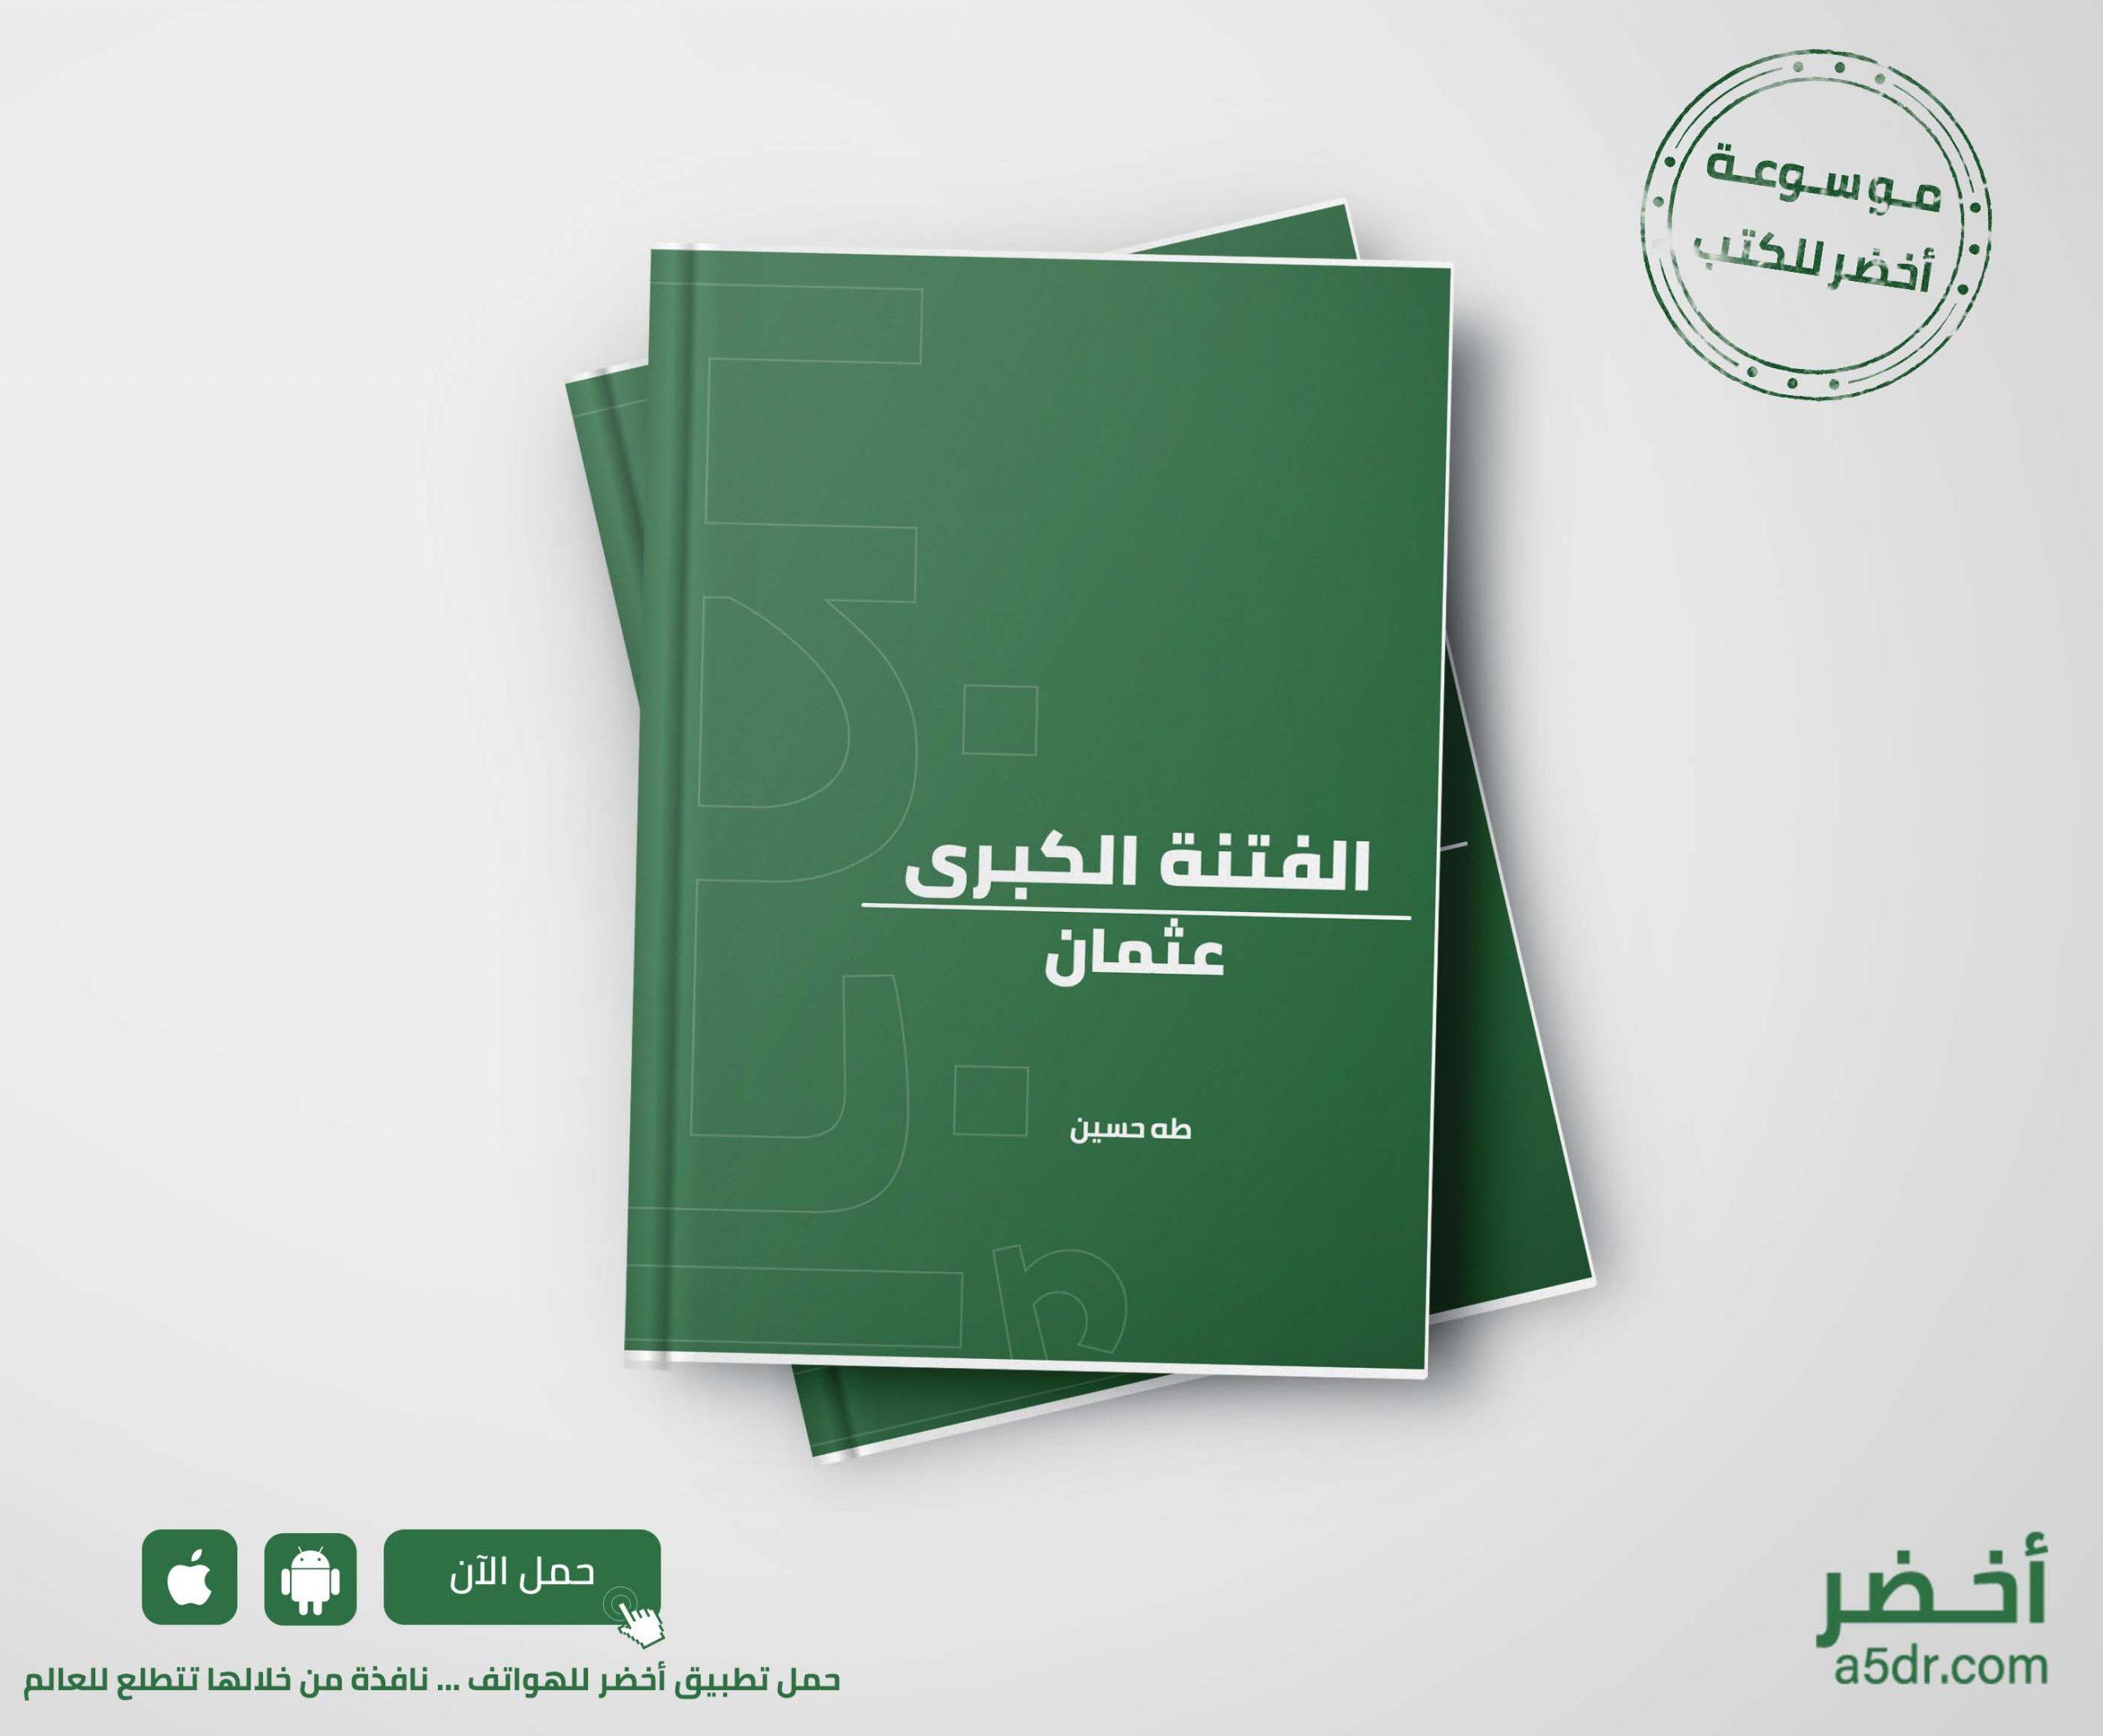 كتاب الفتنة الكبرى: عثمان - طه حسين